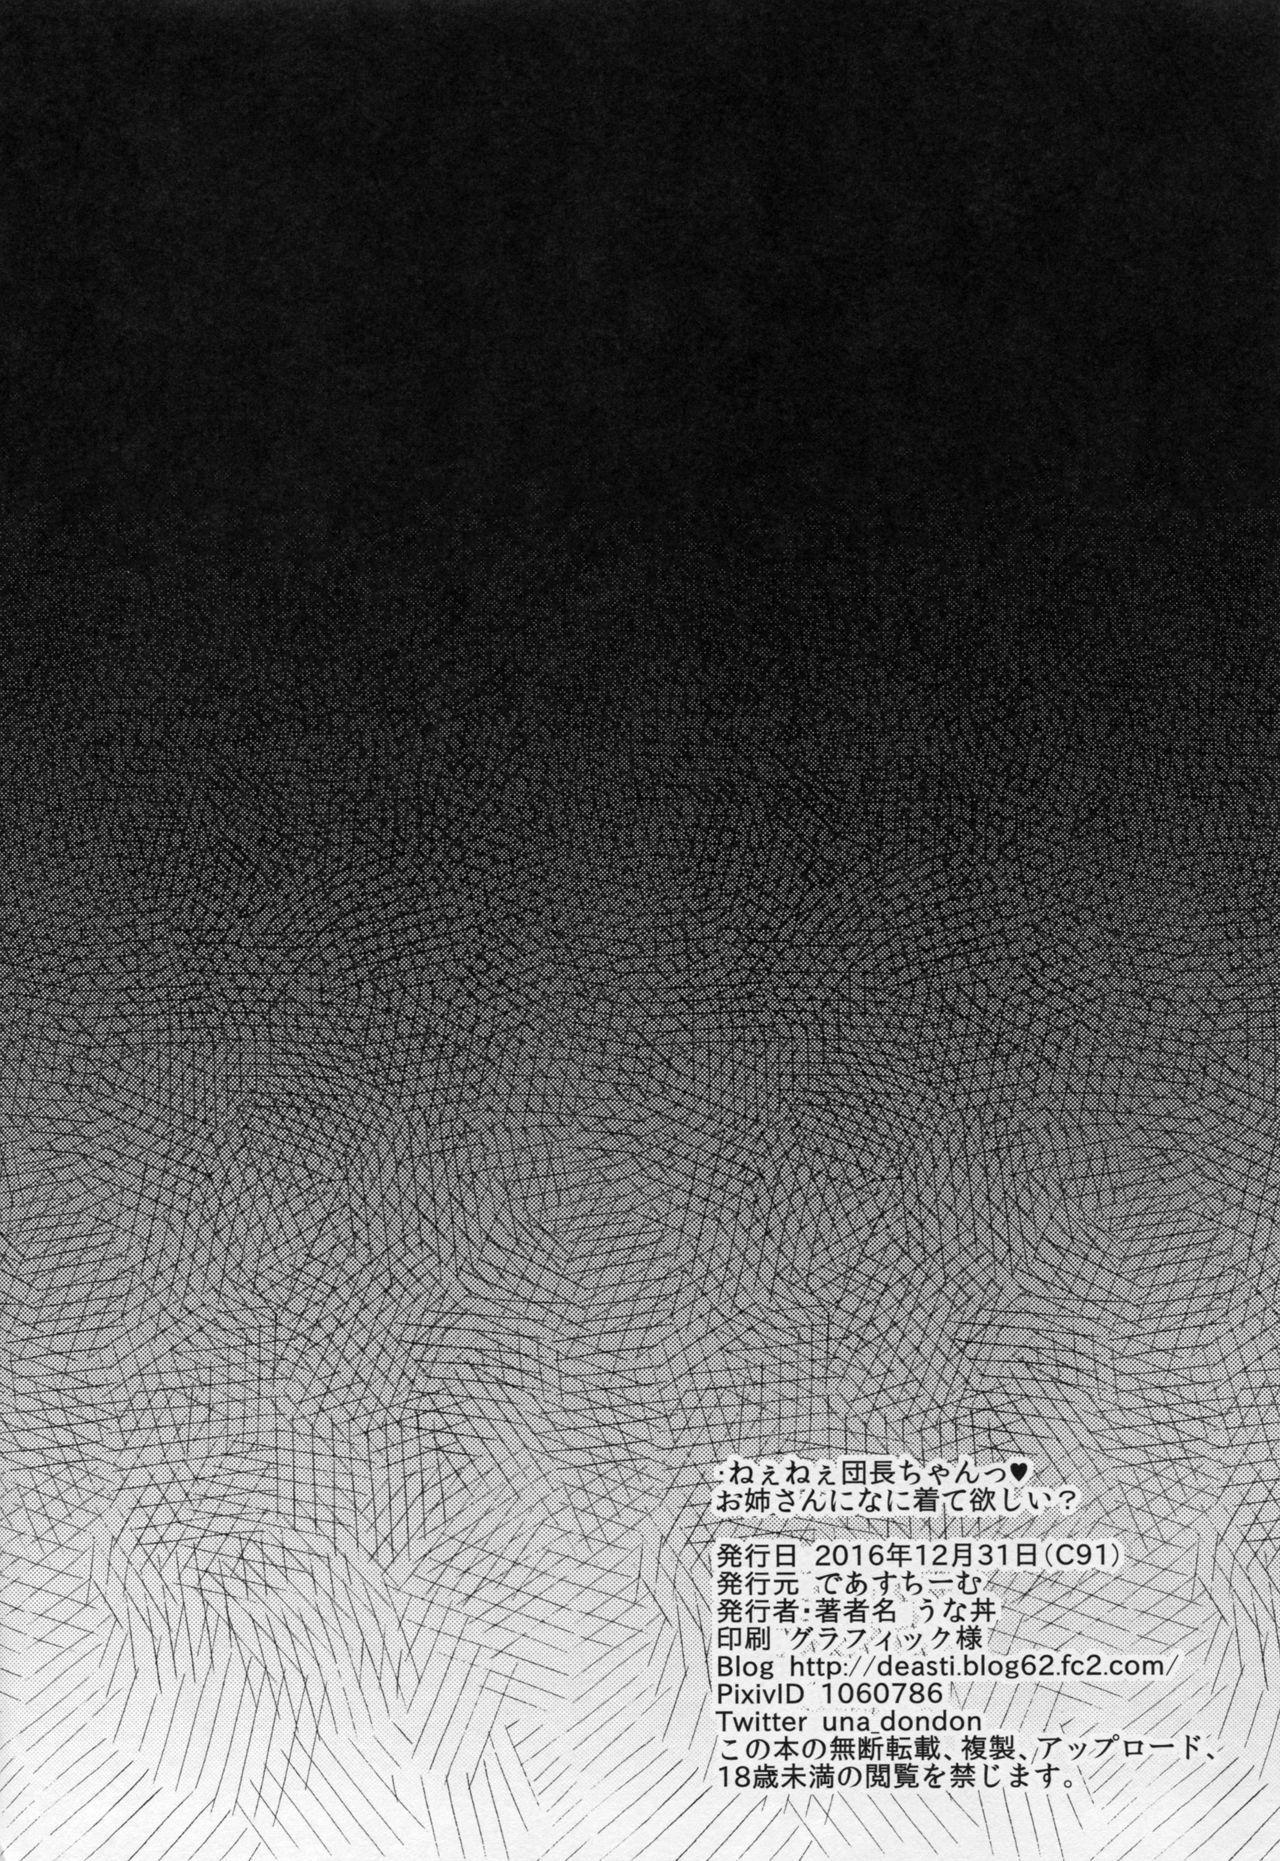 (C91) [Deastim (Unadon)] Nee Nee Danchou-chan Onee-san ni Nani Kite Hoshii? | Hey, Hey, Danchou-chan What Would You Want Onee-san to Wear? (Granblue Fantasy) [English] [obsoletezero] 24